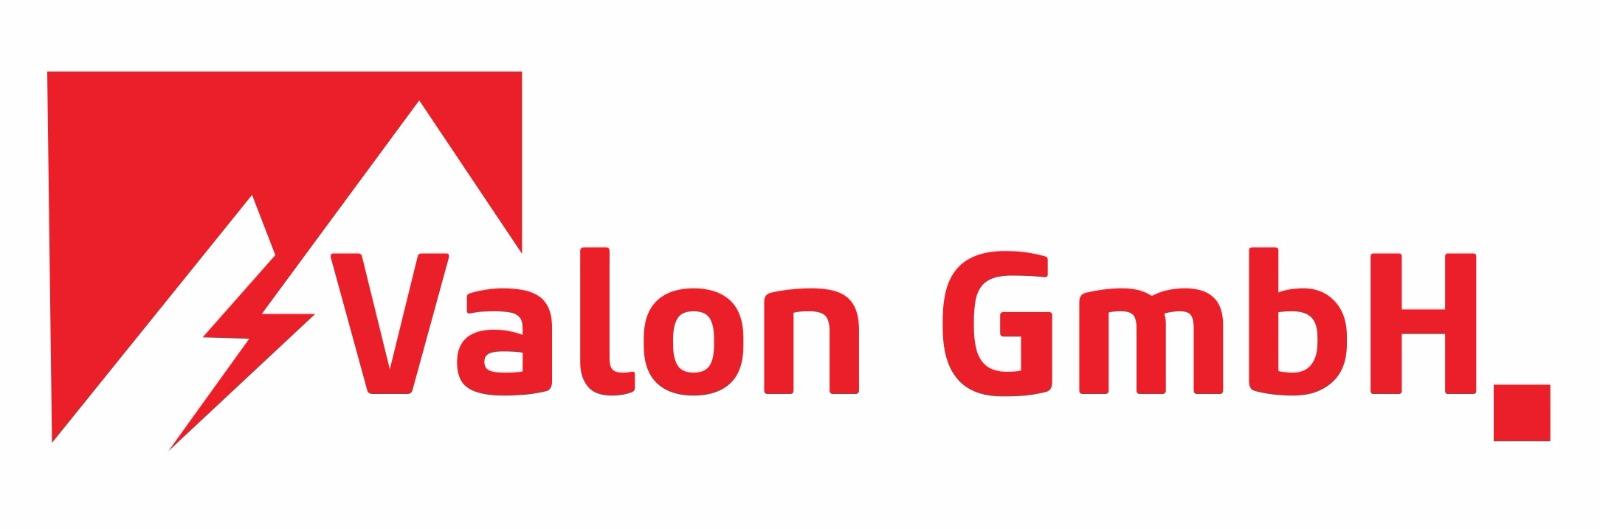 valonGMBH.jpg